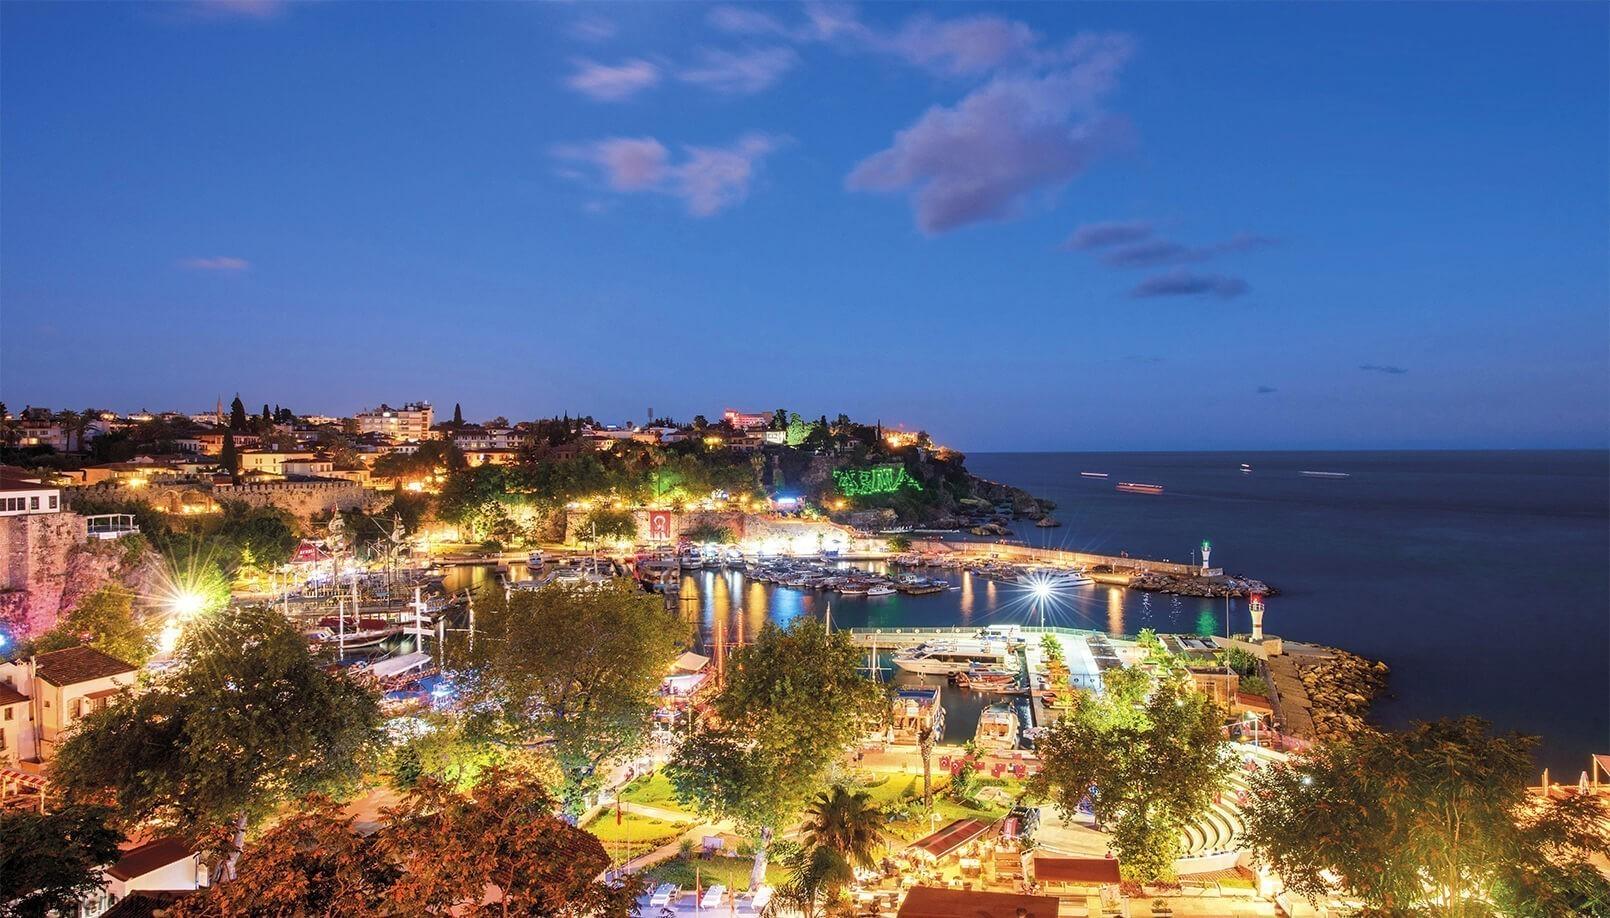 Antalya marina 2021